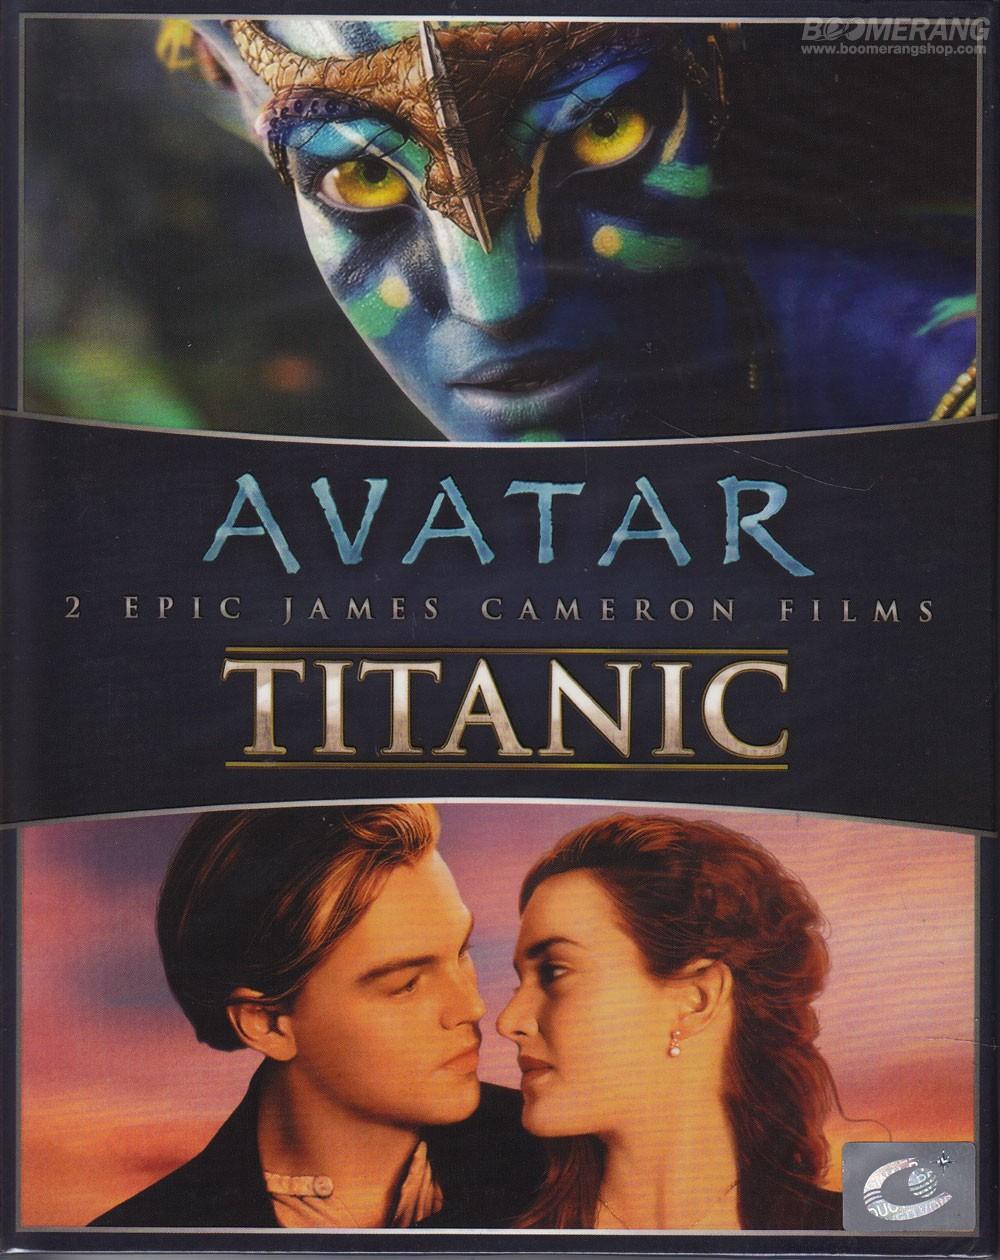 ผลการค้นหารูปภาพสำหรับ avatar titanic